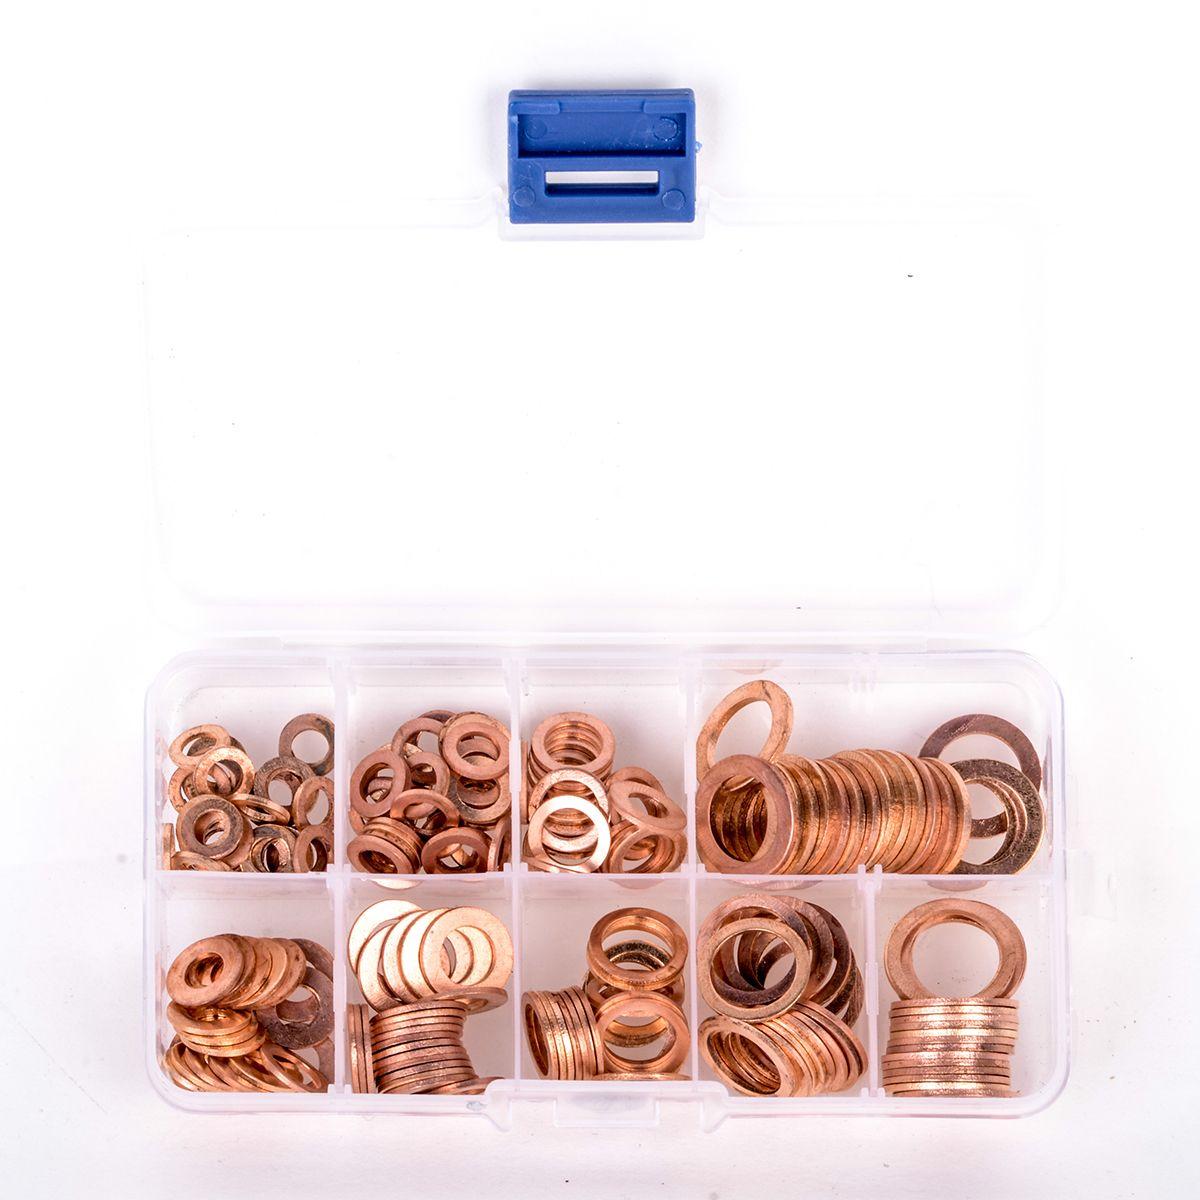 200 pièces M5-M14 ensemble de joint de rondelle en cuivre assorti professionnel Kit d'assortiment de joint plat avec boîte pour accessoires de matériel